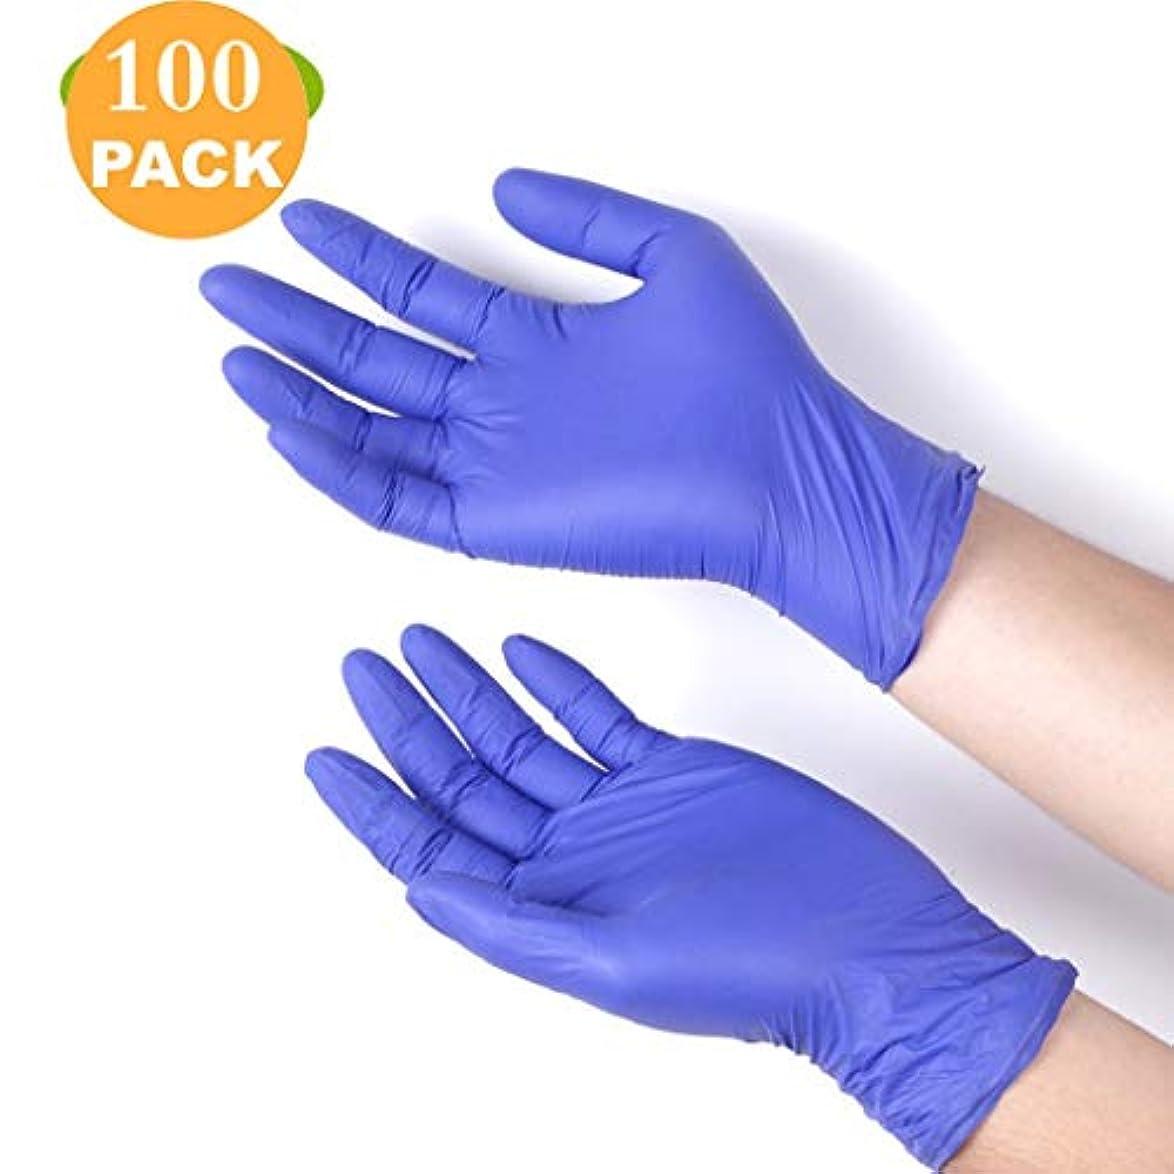 家族ジレンマ不完全なニトリル手袋 - 5ミル、厚み付け、工業用、使い捨てのクリーニング手袋、100のパッケージ (Color : Blue, Size : S)